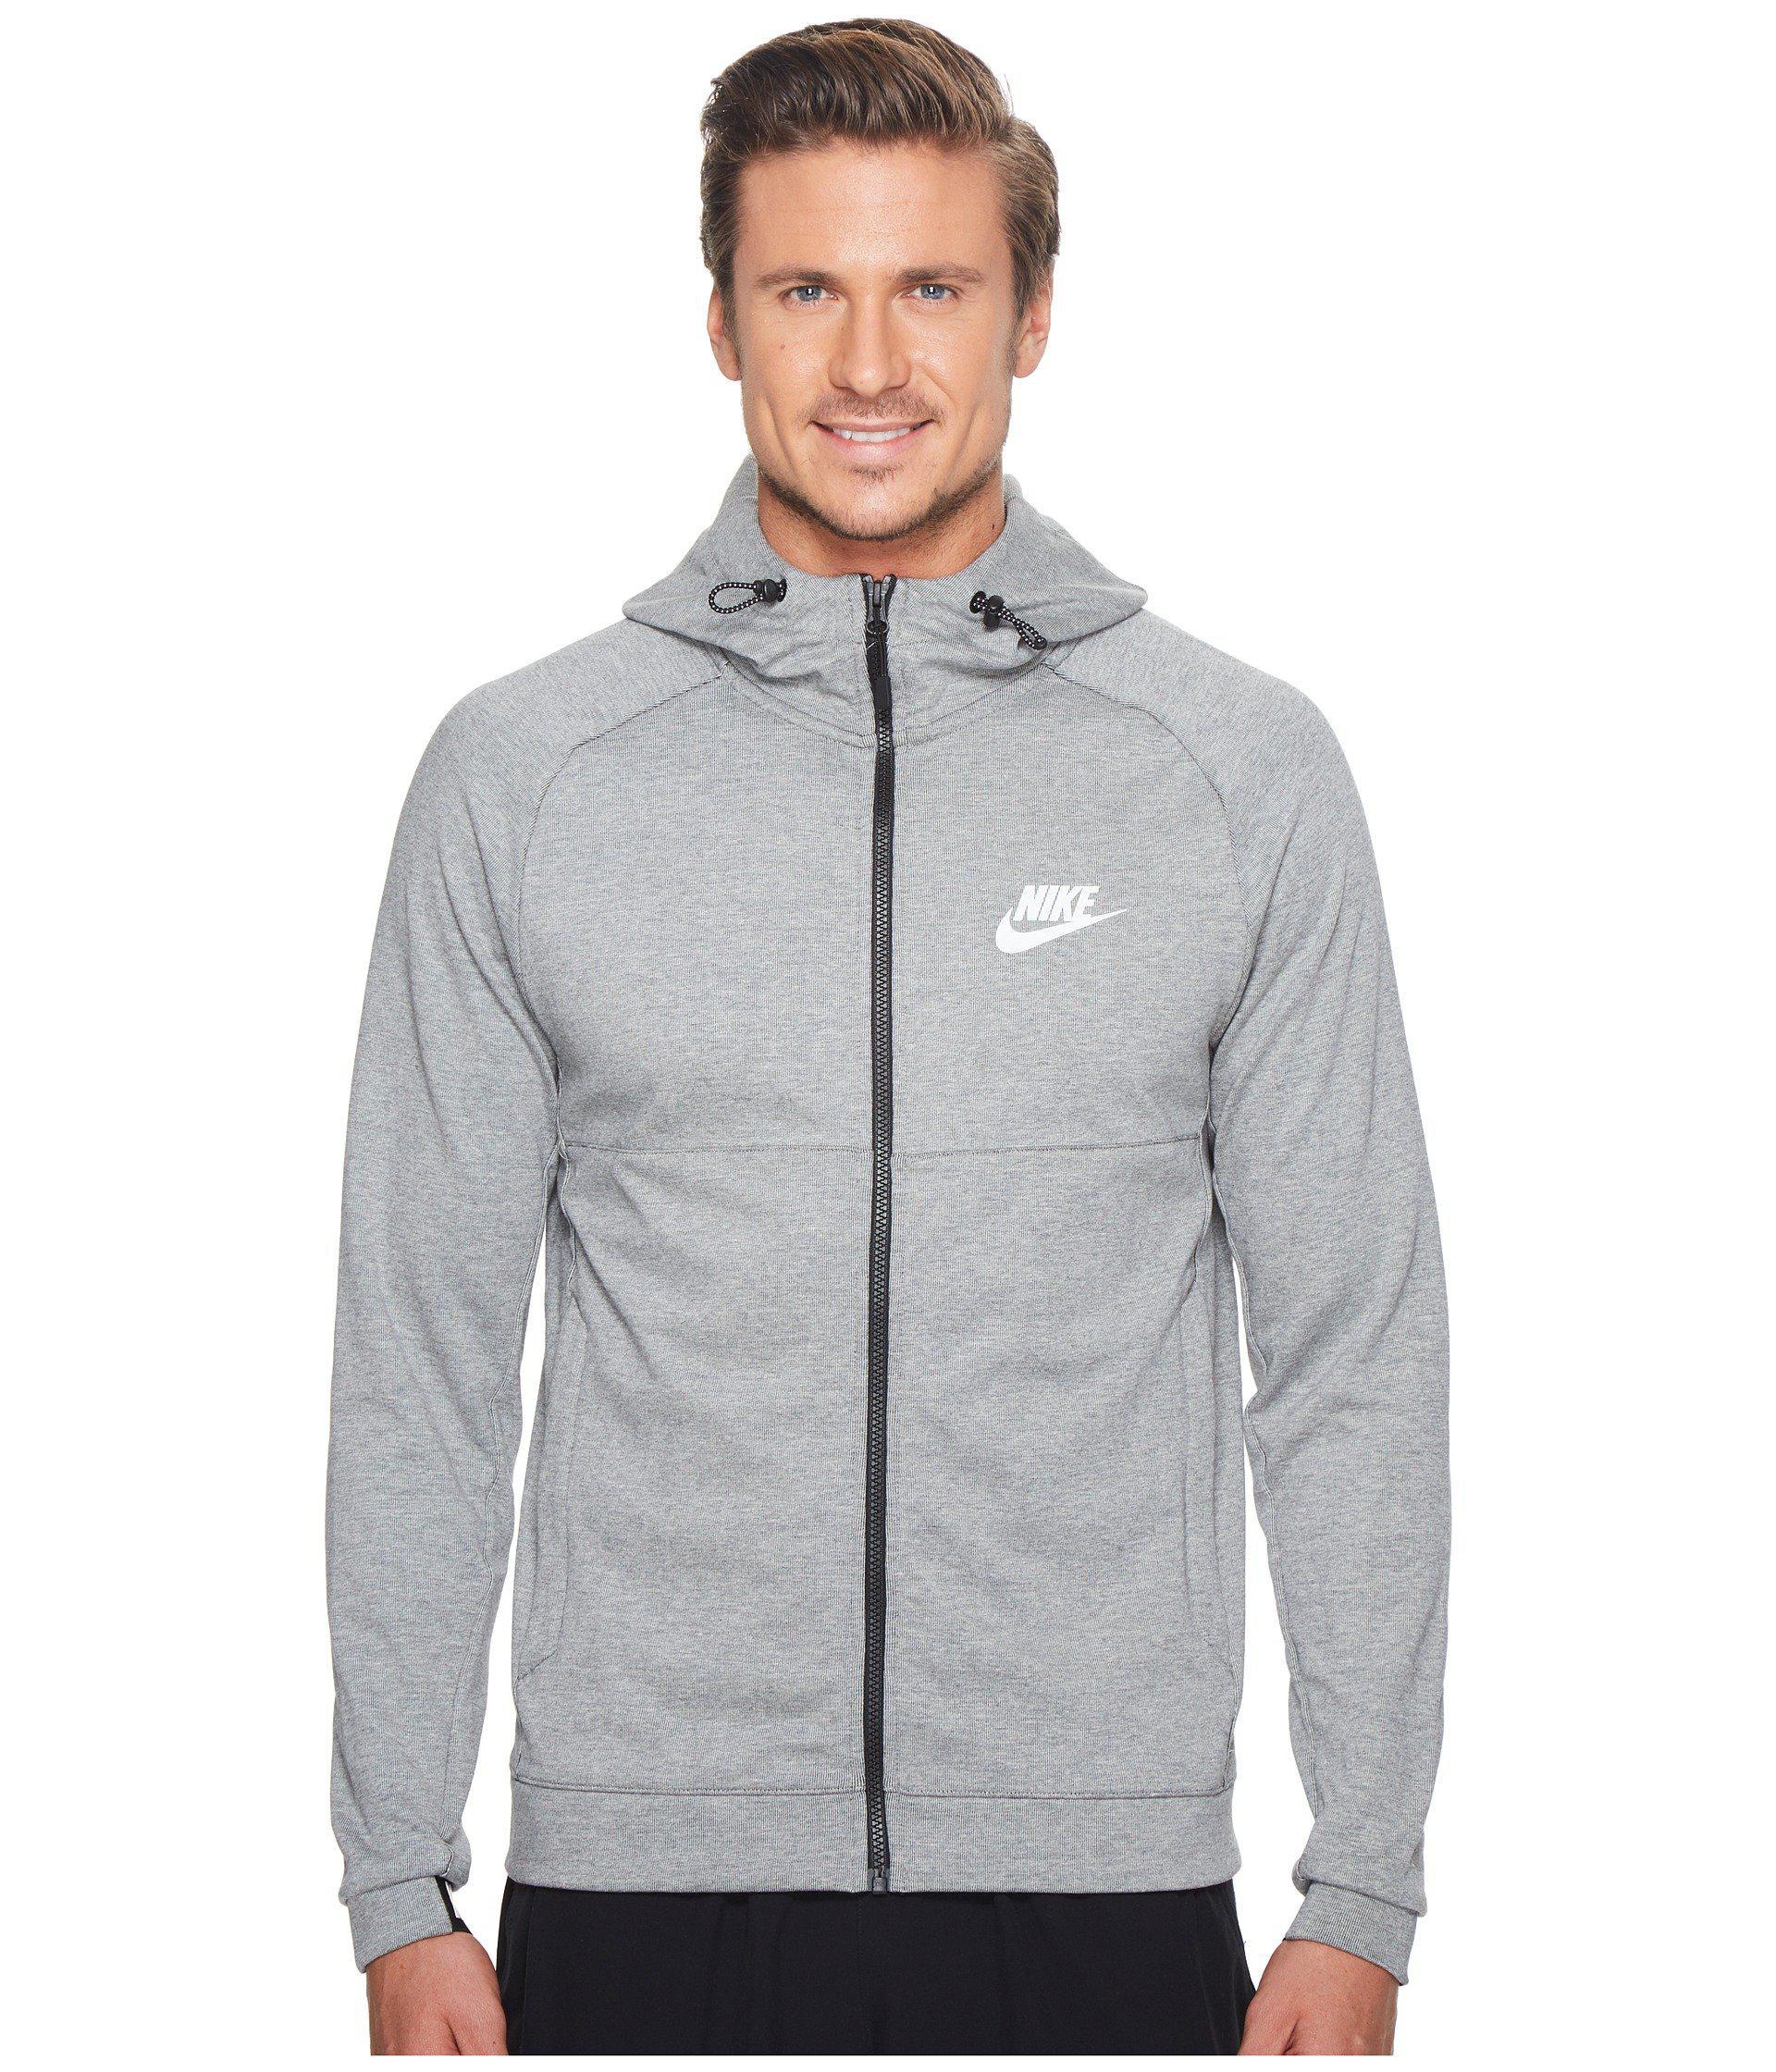 1a936898 Nike Sportswear Advance 15 Full Zip Hoodie in Gray for Men - Lyst